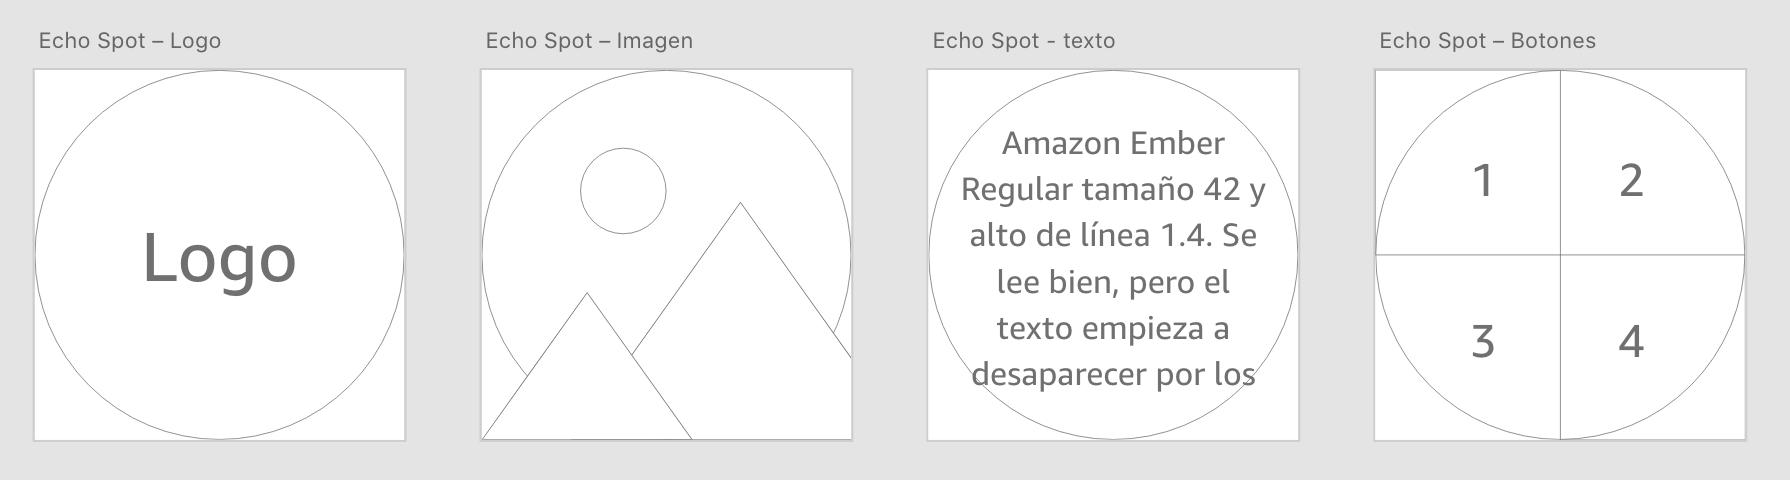 4 plantillas para el Alexa Echo Spot